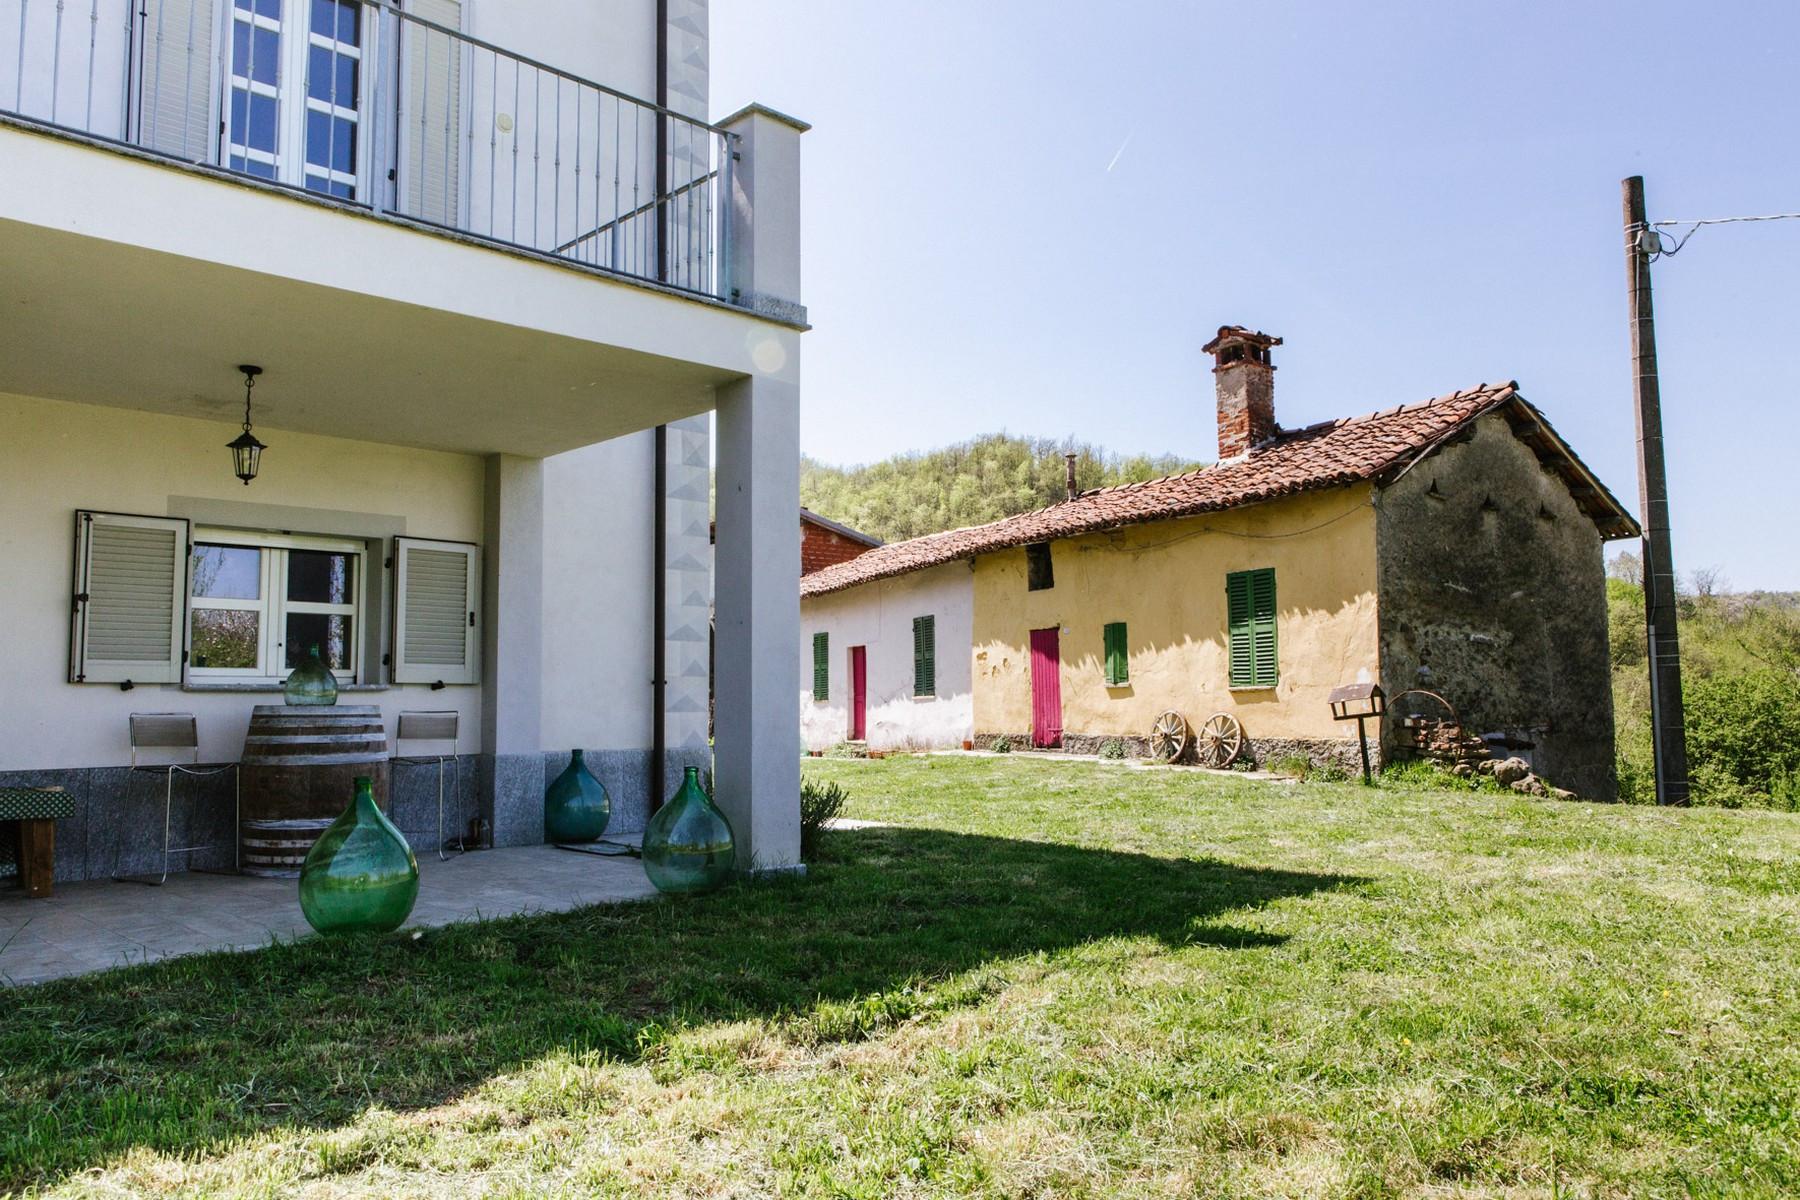 Rustico in Vendita a Malvicino: 5 locali, 320 mq - Foto 20